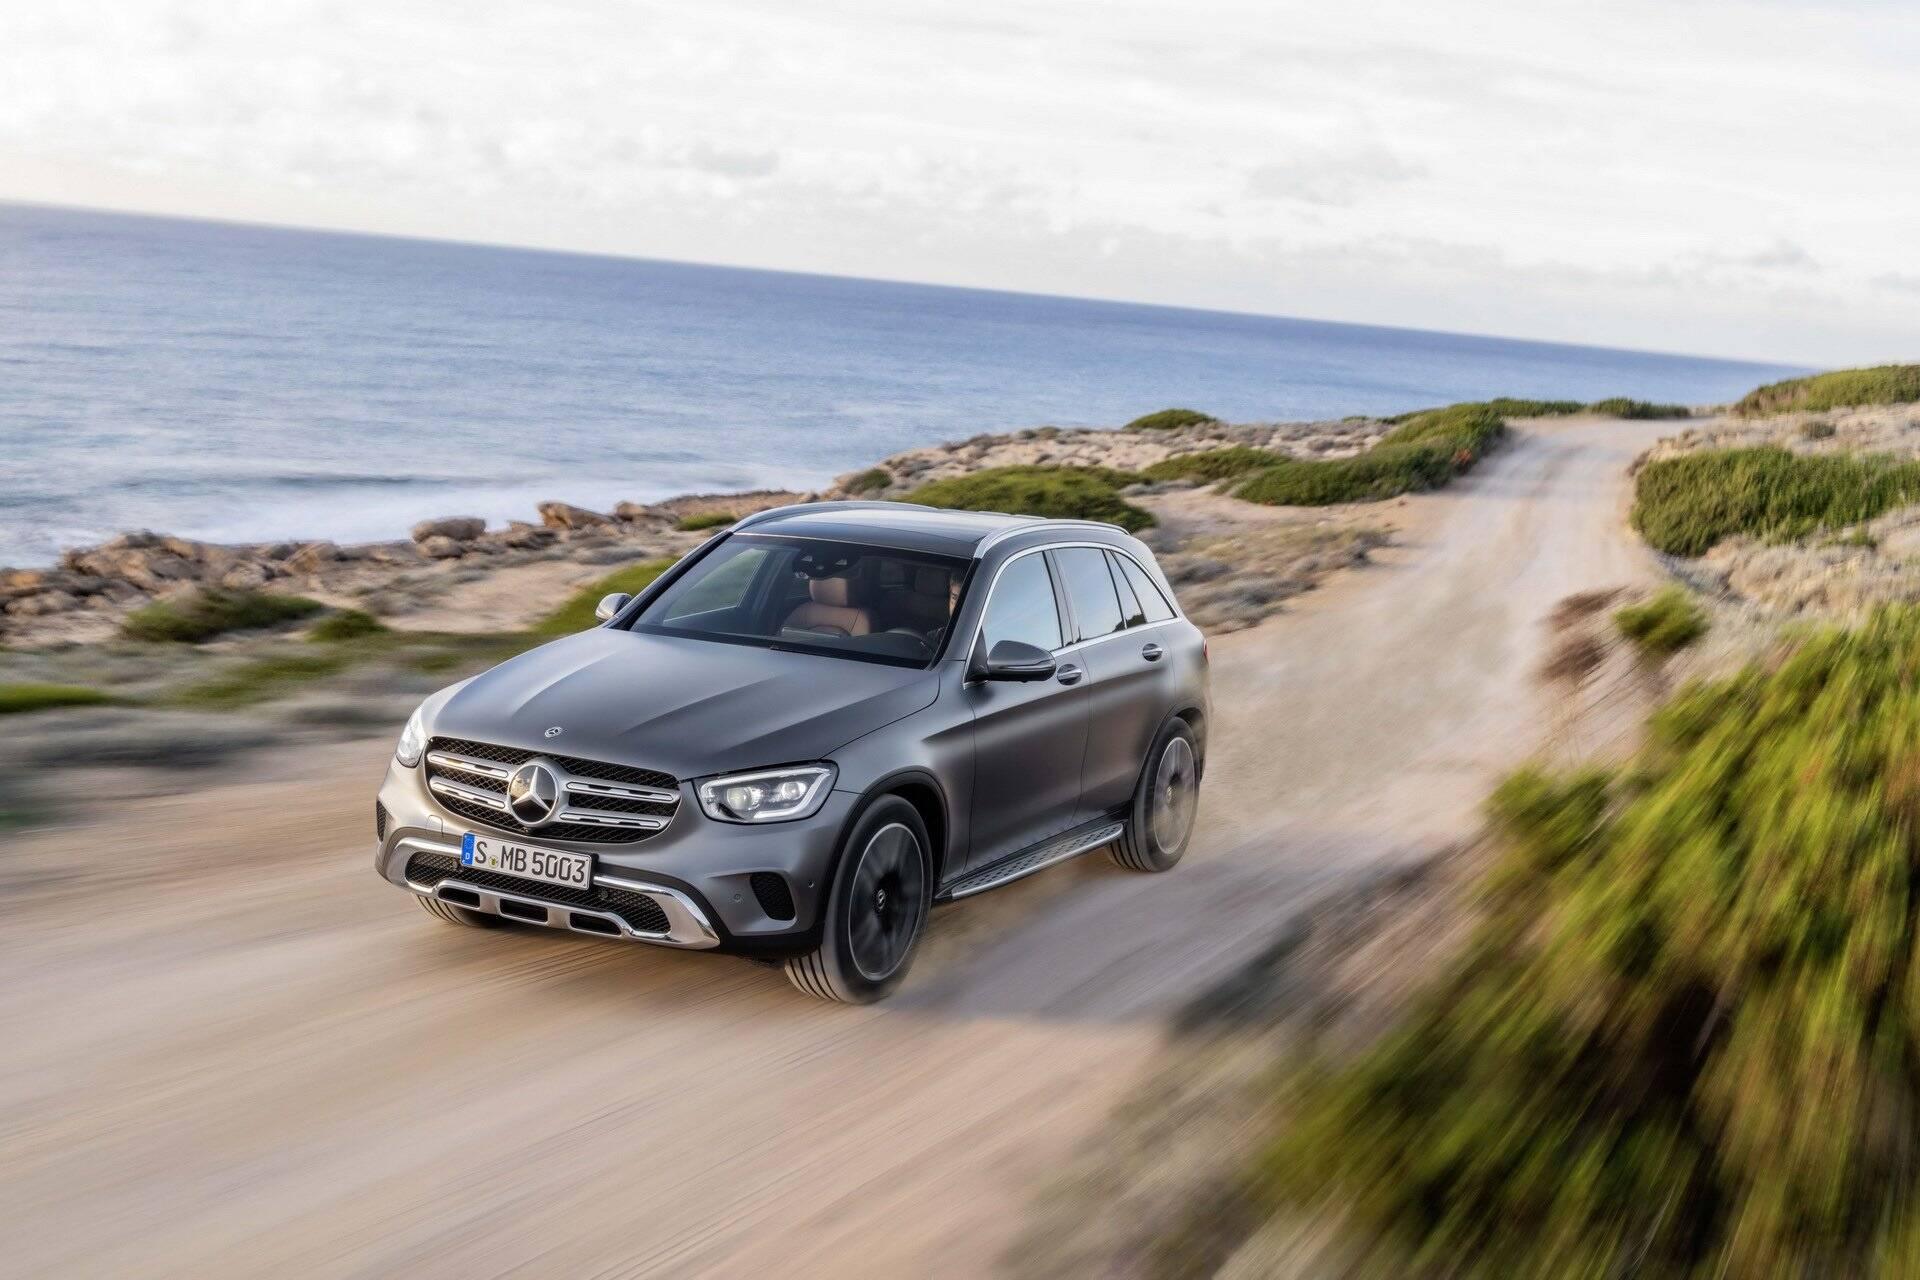 Mercedes-Benz GLC. Foto: Divulgação